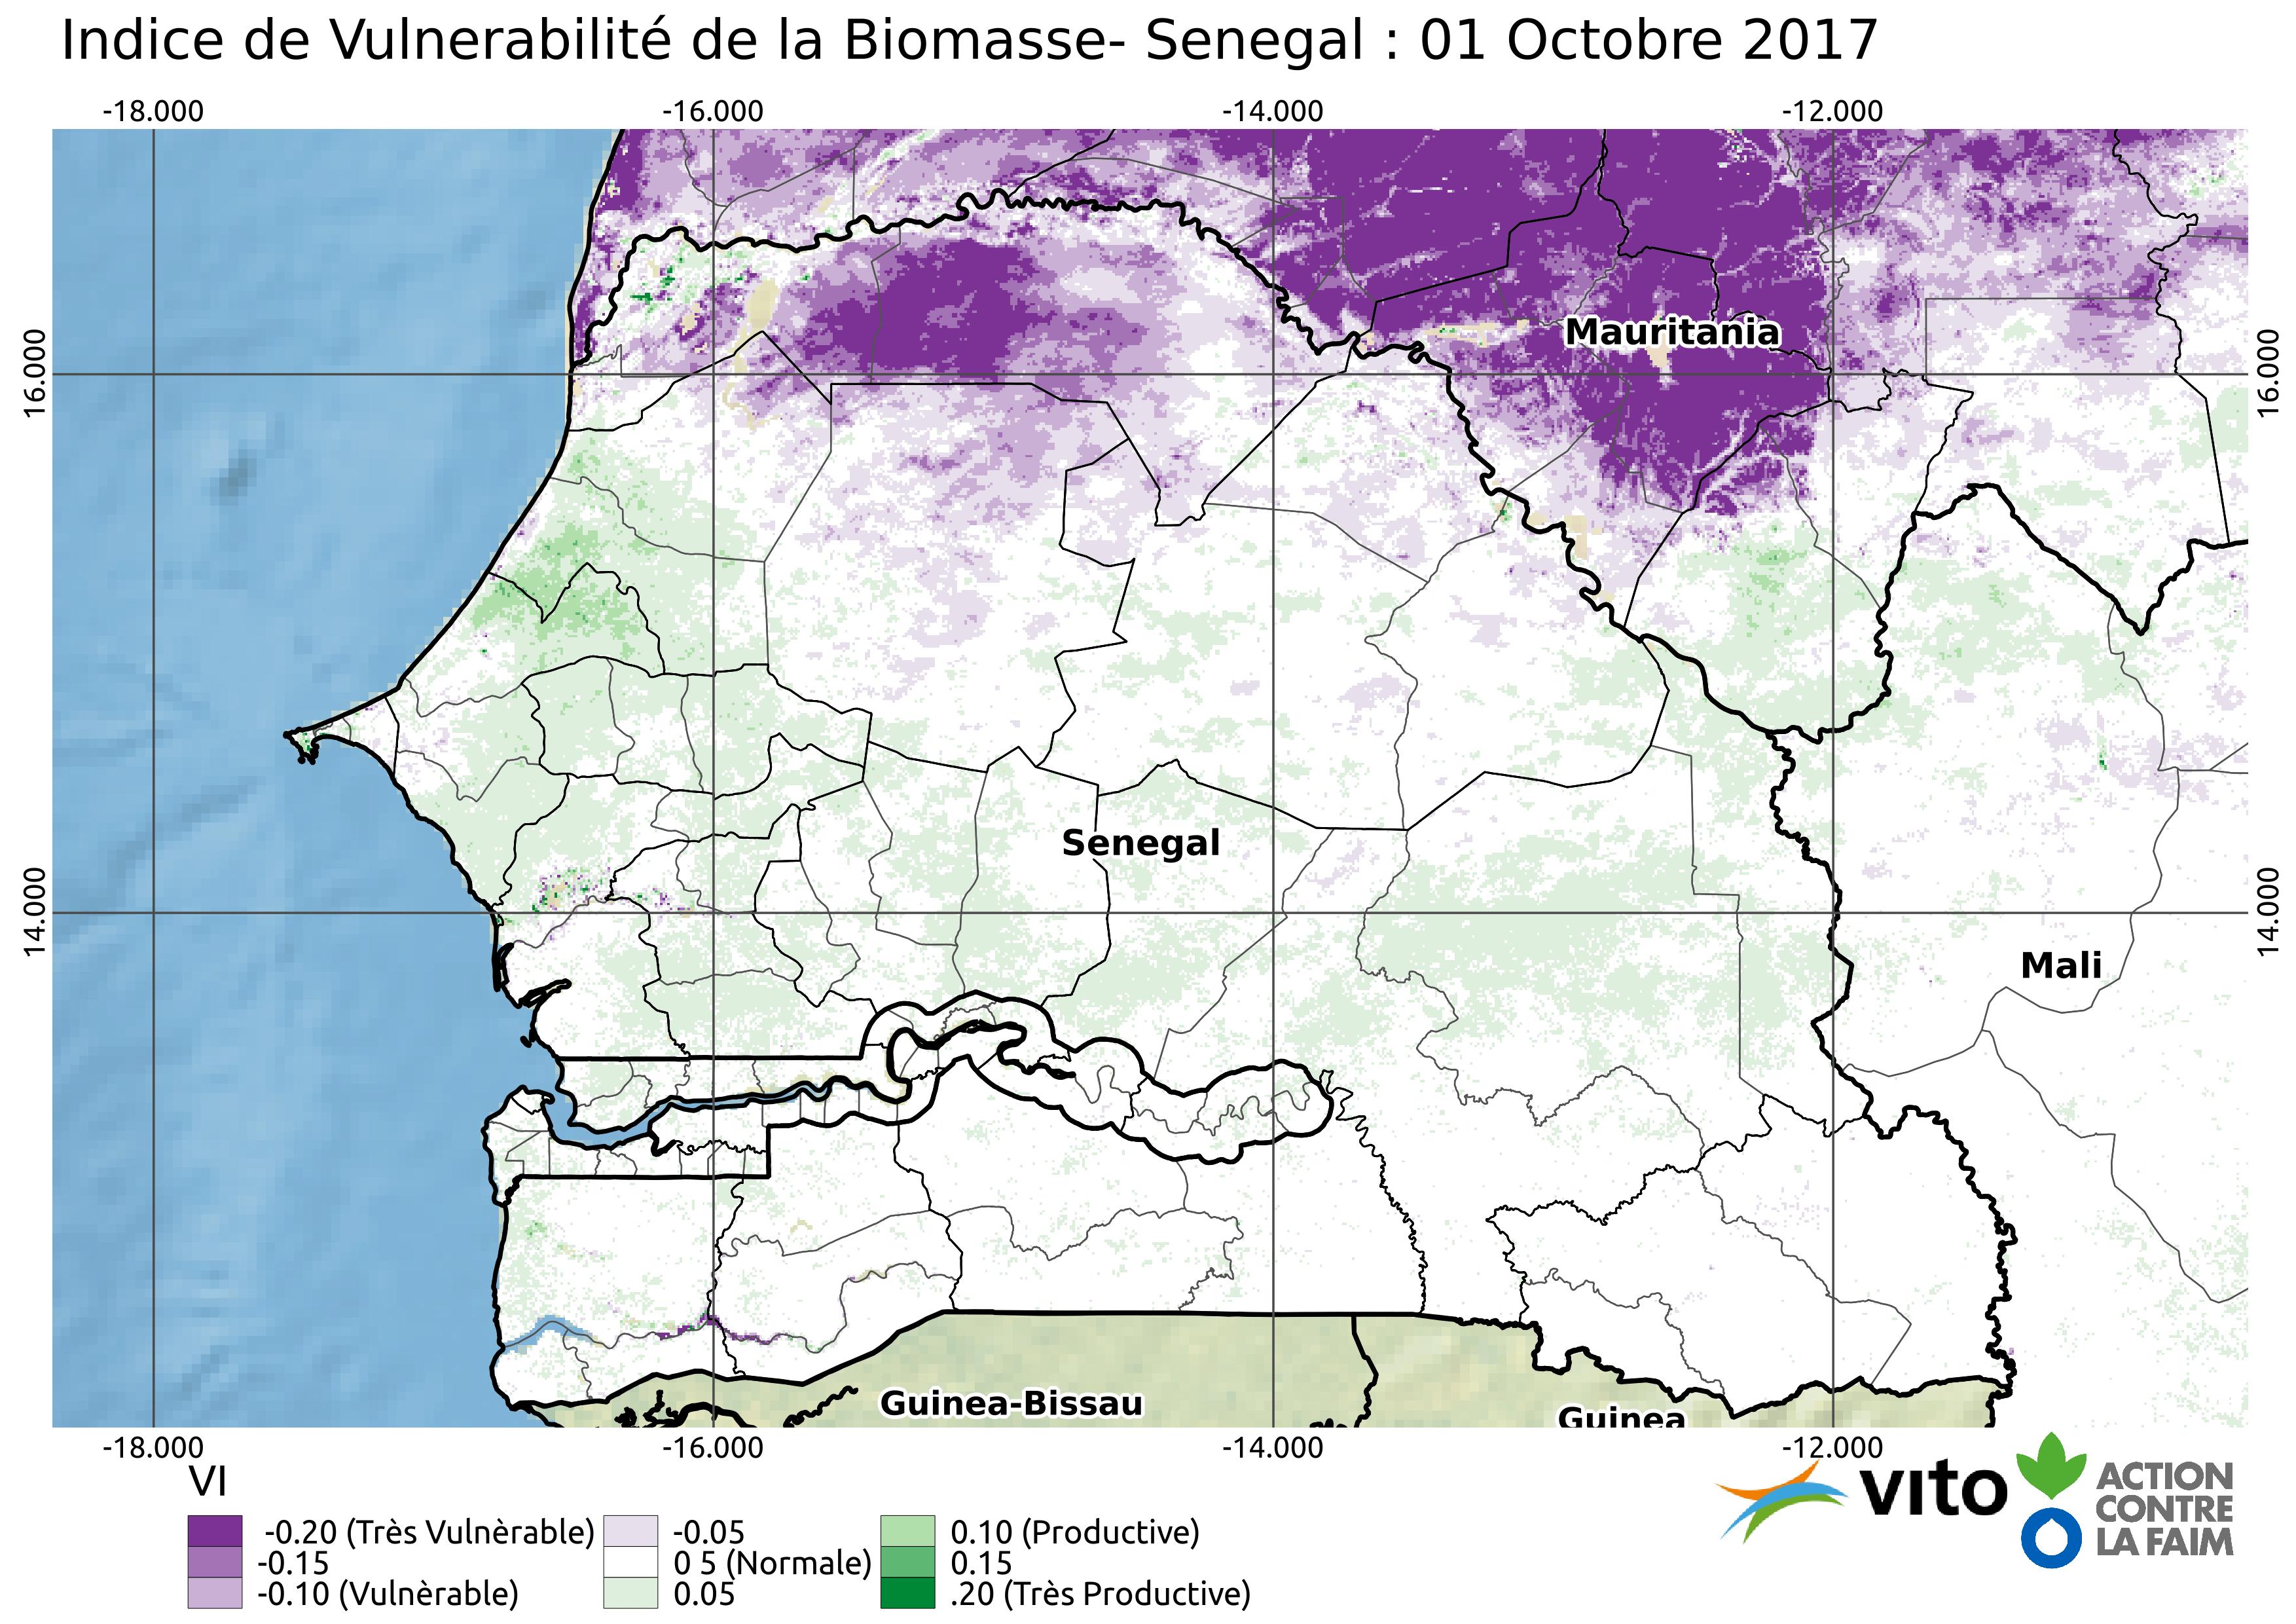 Indice de Vulnerabilité Senegal 2017